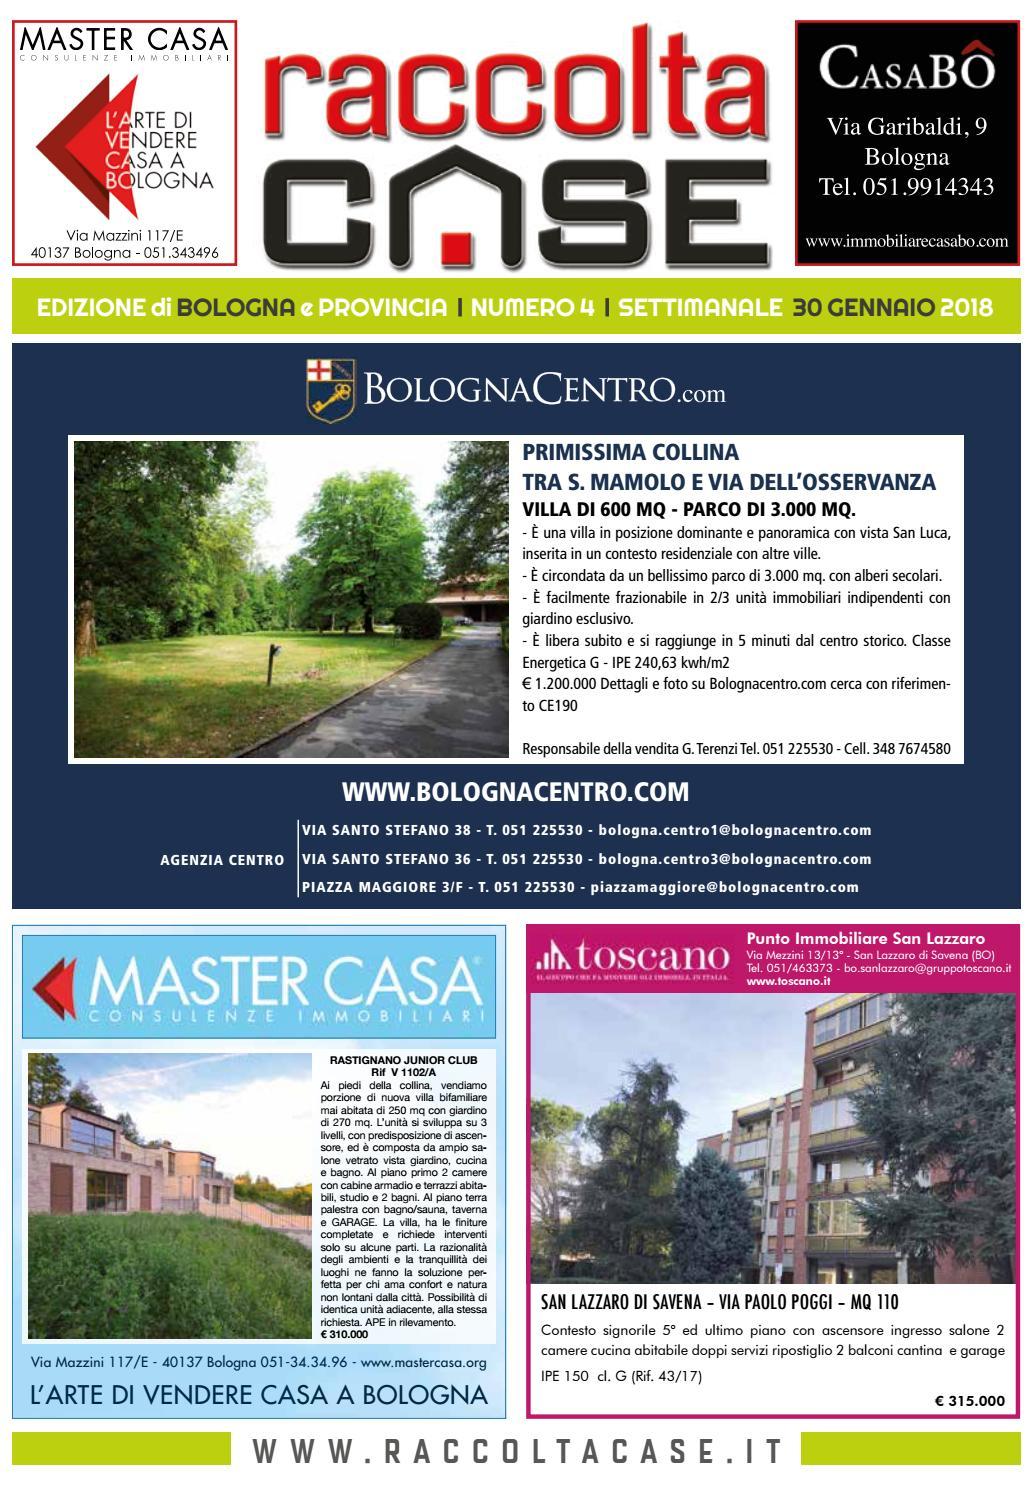 Spazio Vitale Studio Immobiliare raccoltacase bologna 4 - 2018 by publidok s.r.l. - issuu